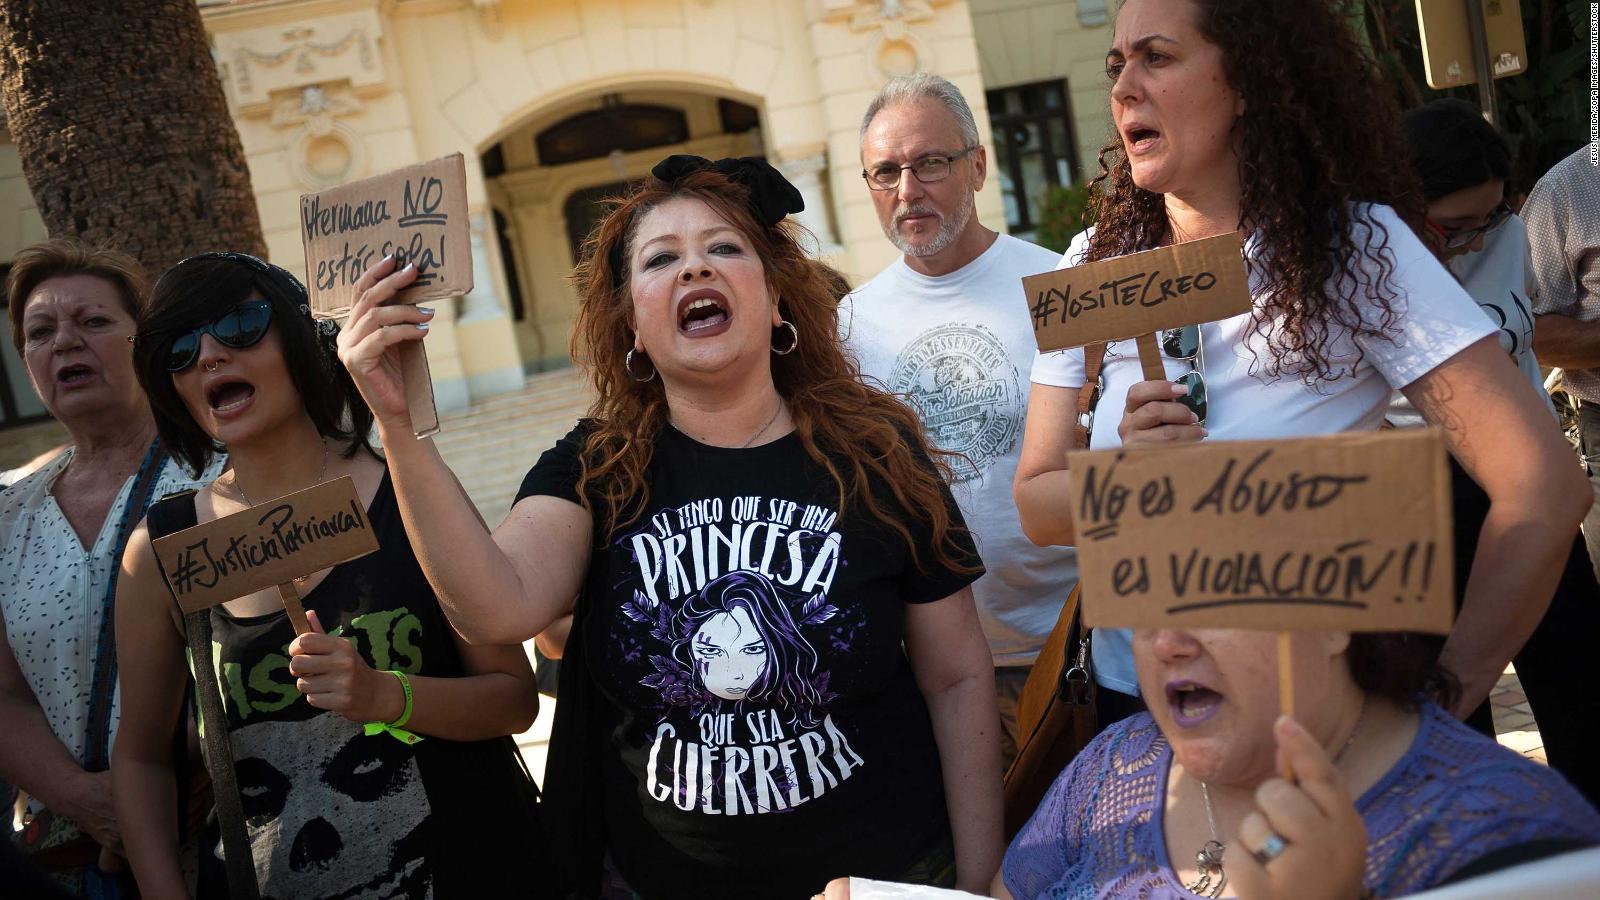 Barcelona Court Acquits Five Men Of Rape Because Unconscious